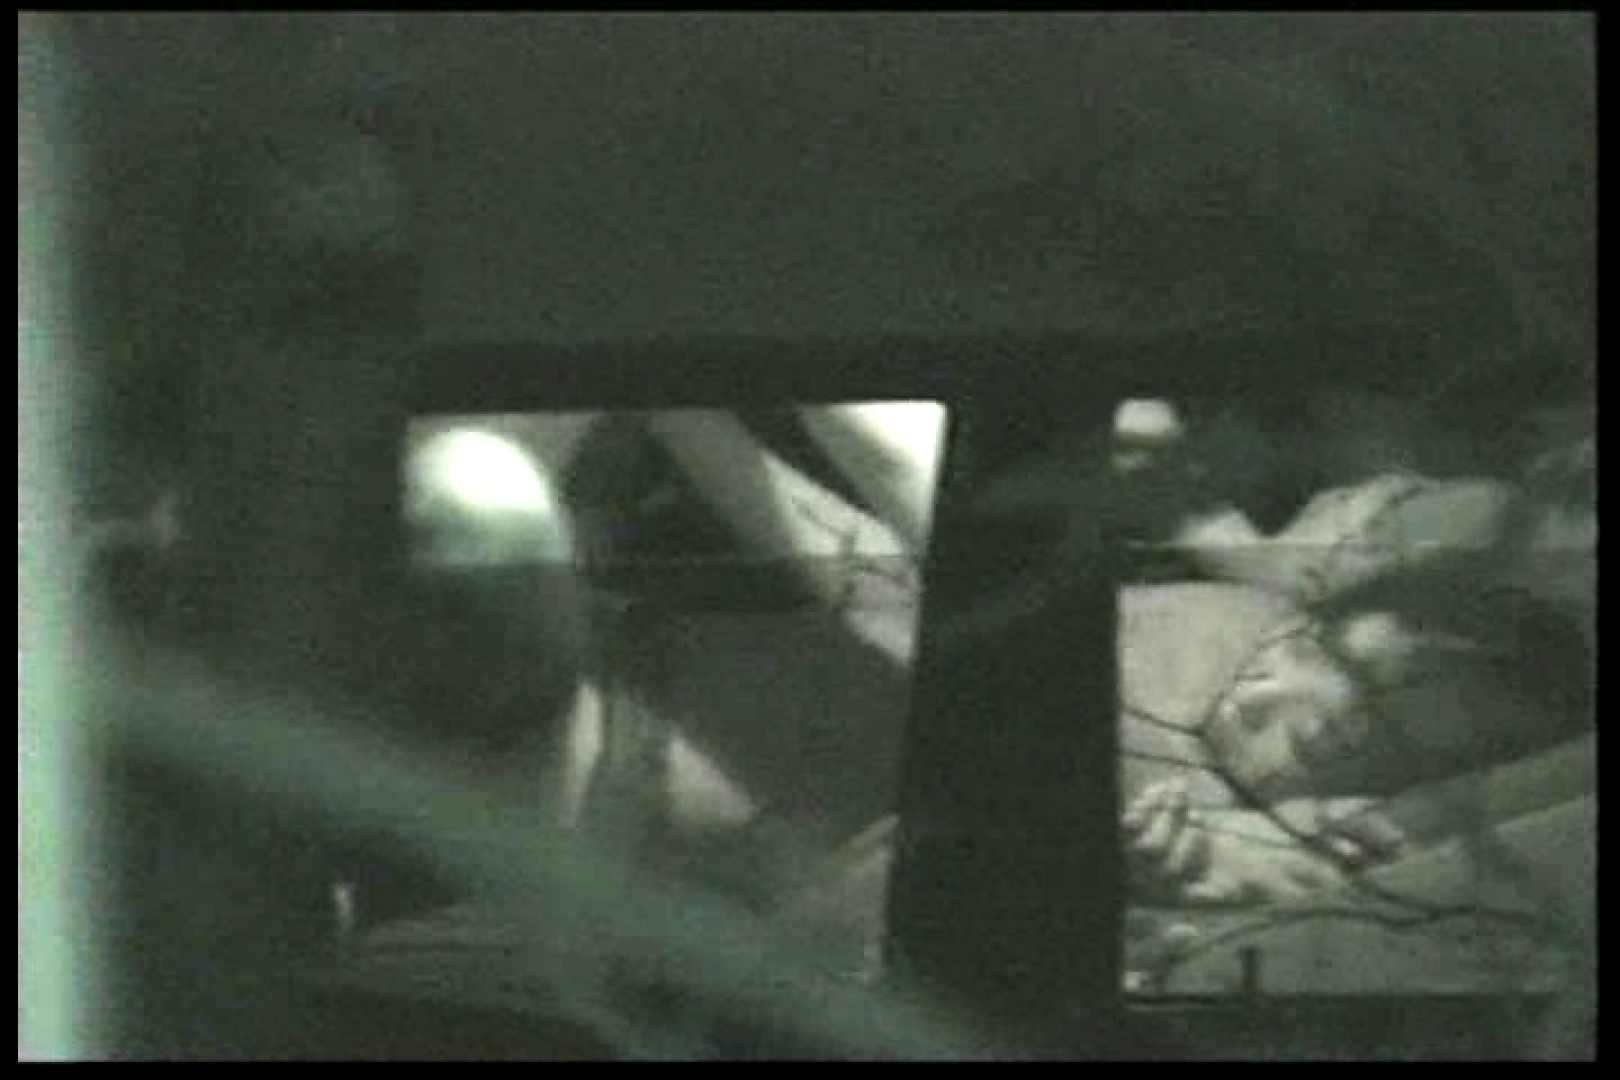 車の中はラブホテル 無修正版  Vol.15 カップル   手マン  77pic 29